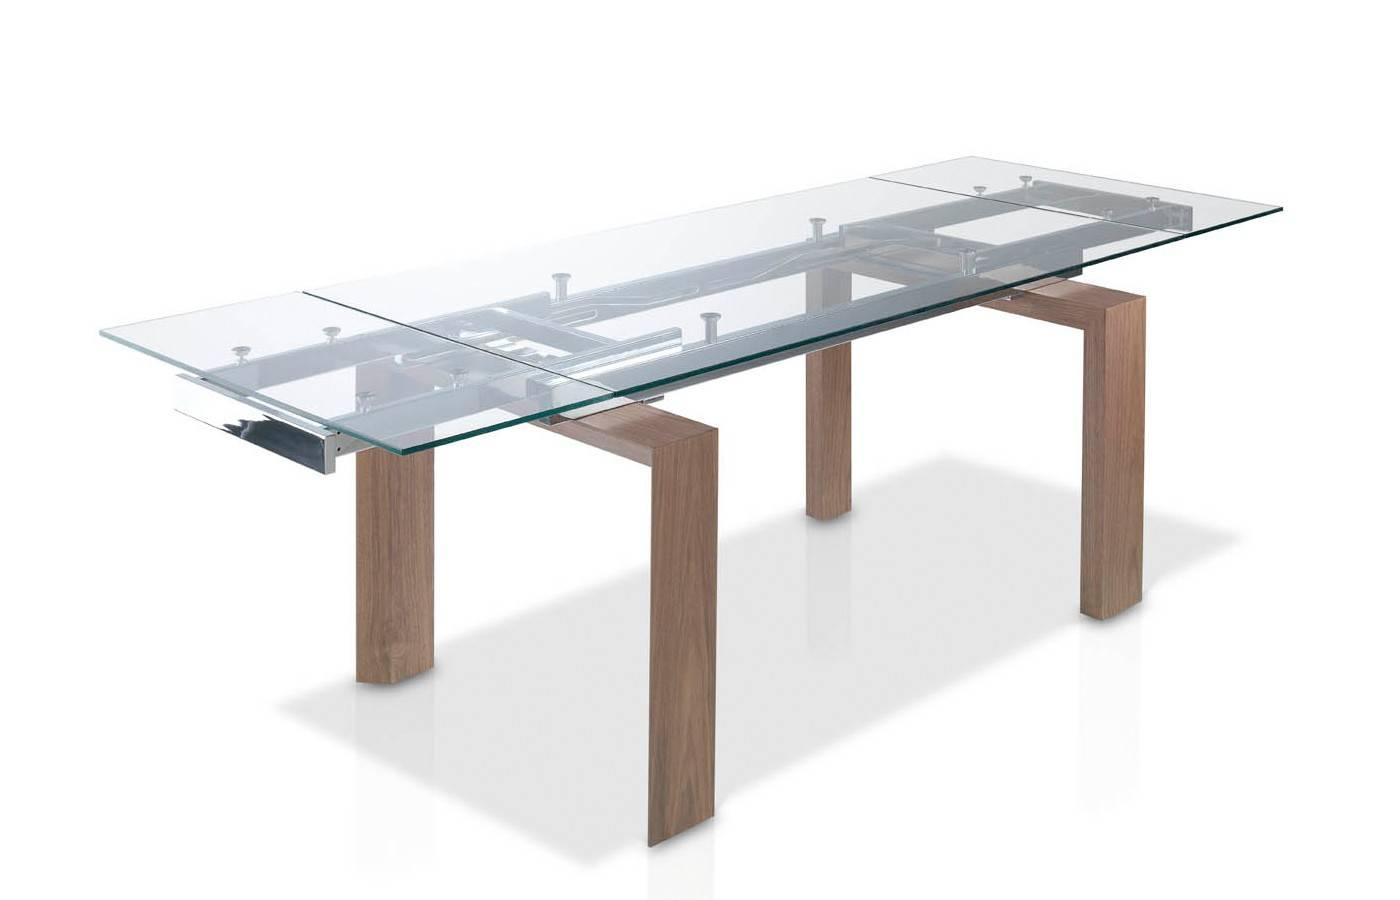 Mesas cuadradas extensibles ideas de disenos for Mesas cuadradas extensibles de madera